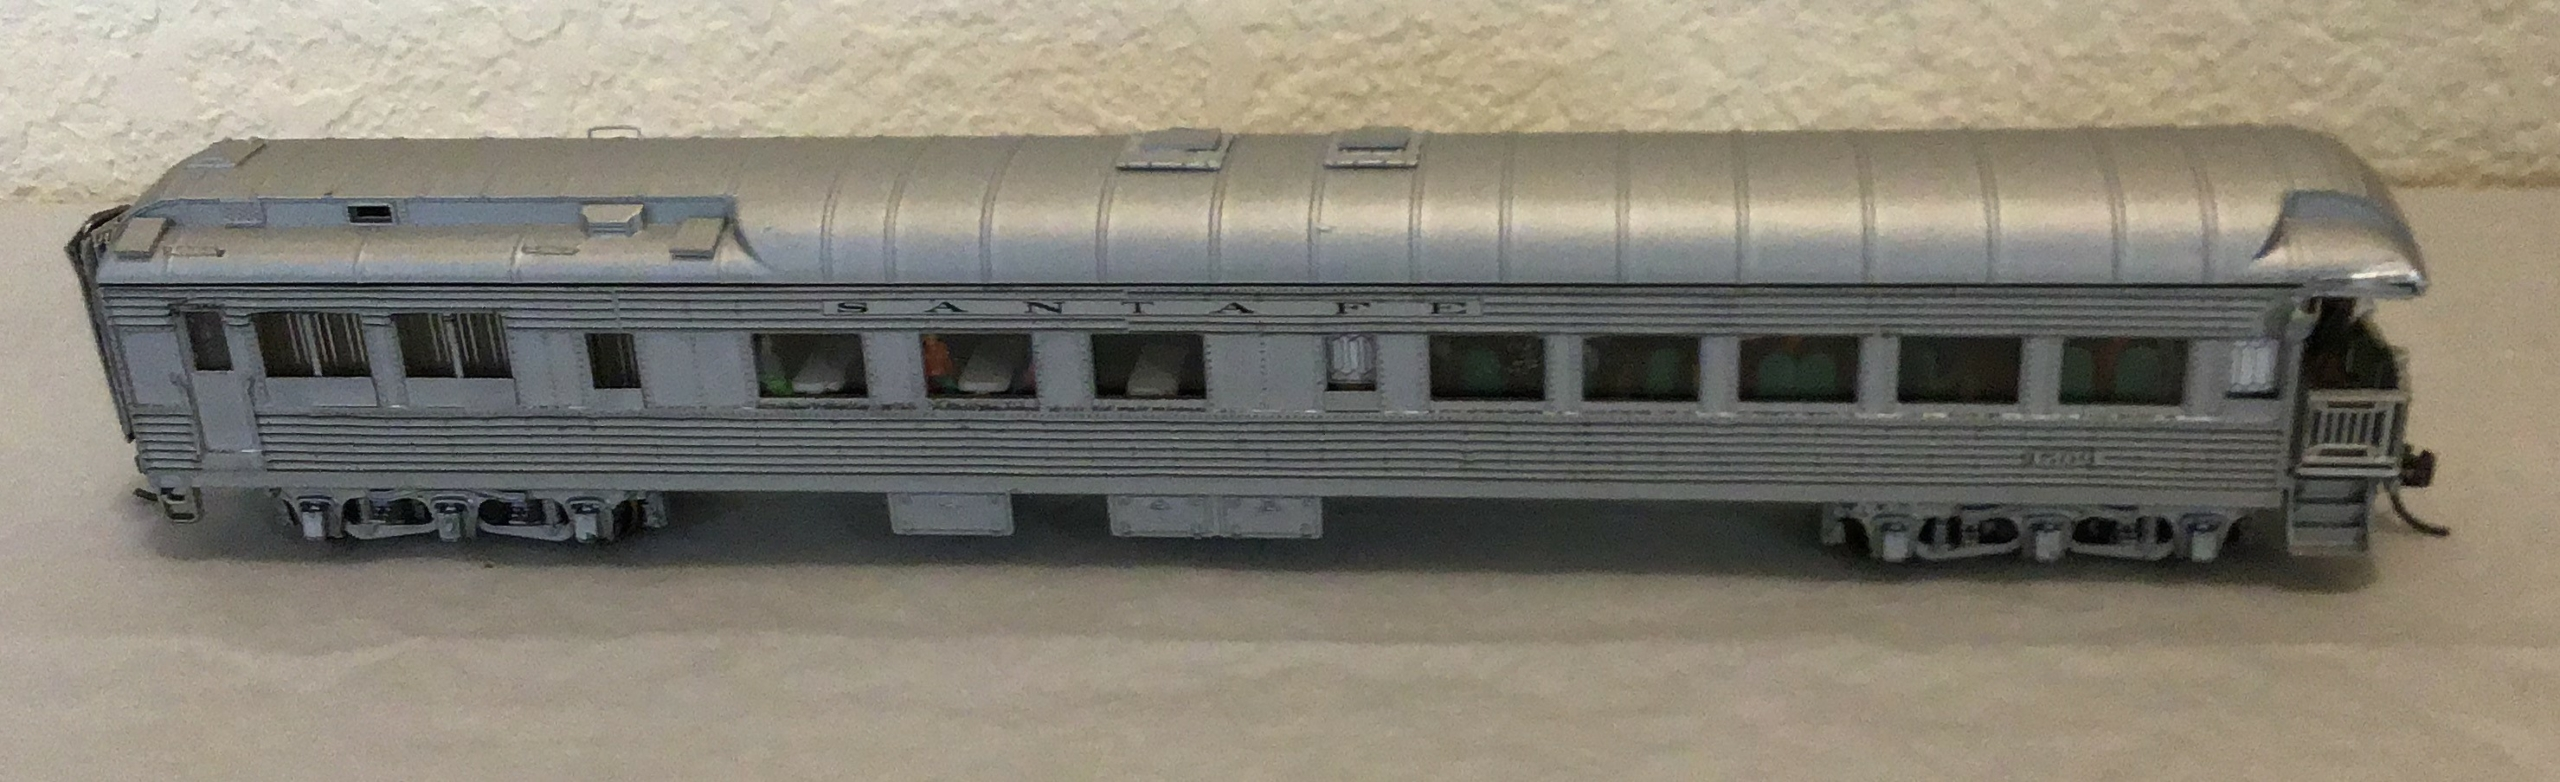 ATSF Cafe Observation #1509 (model)